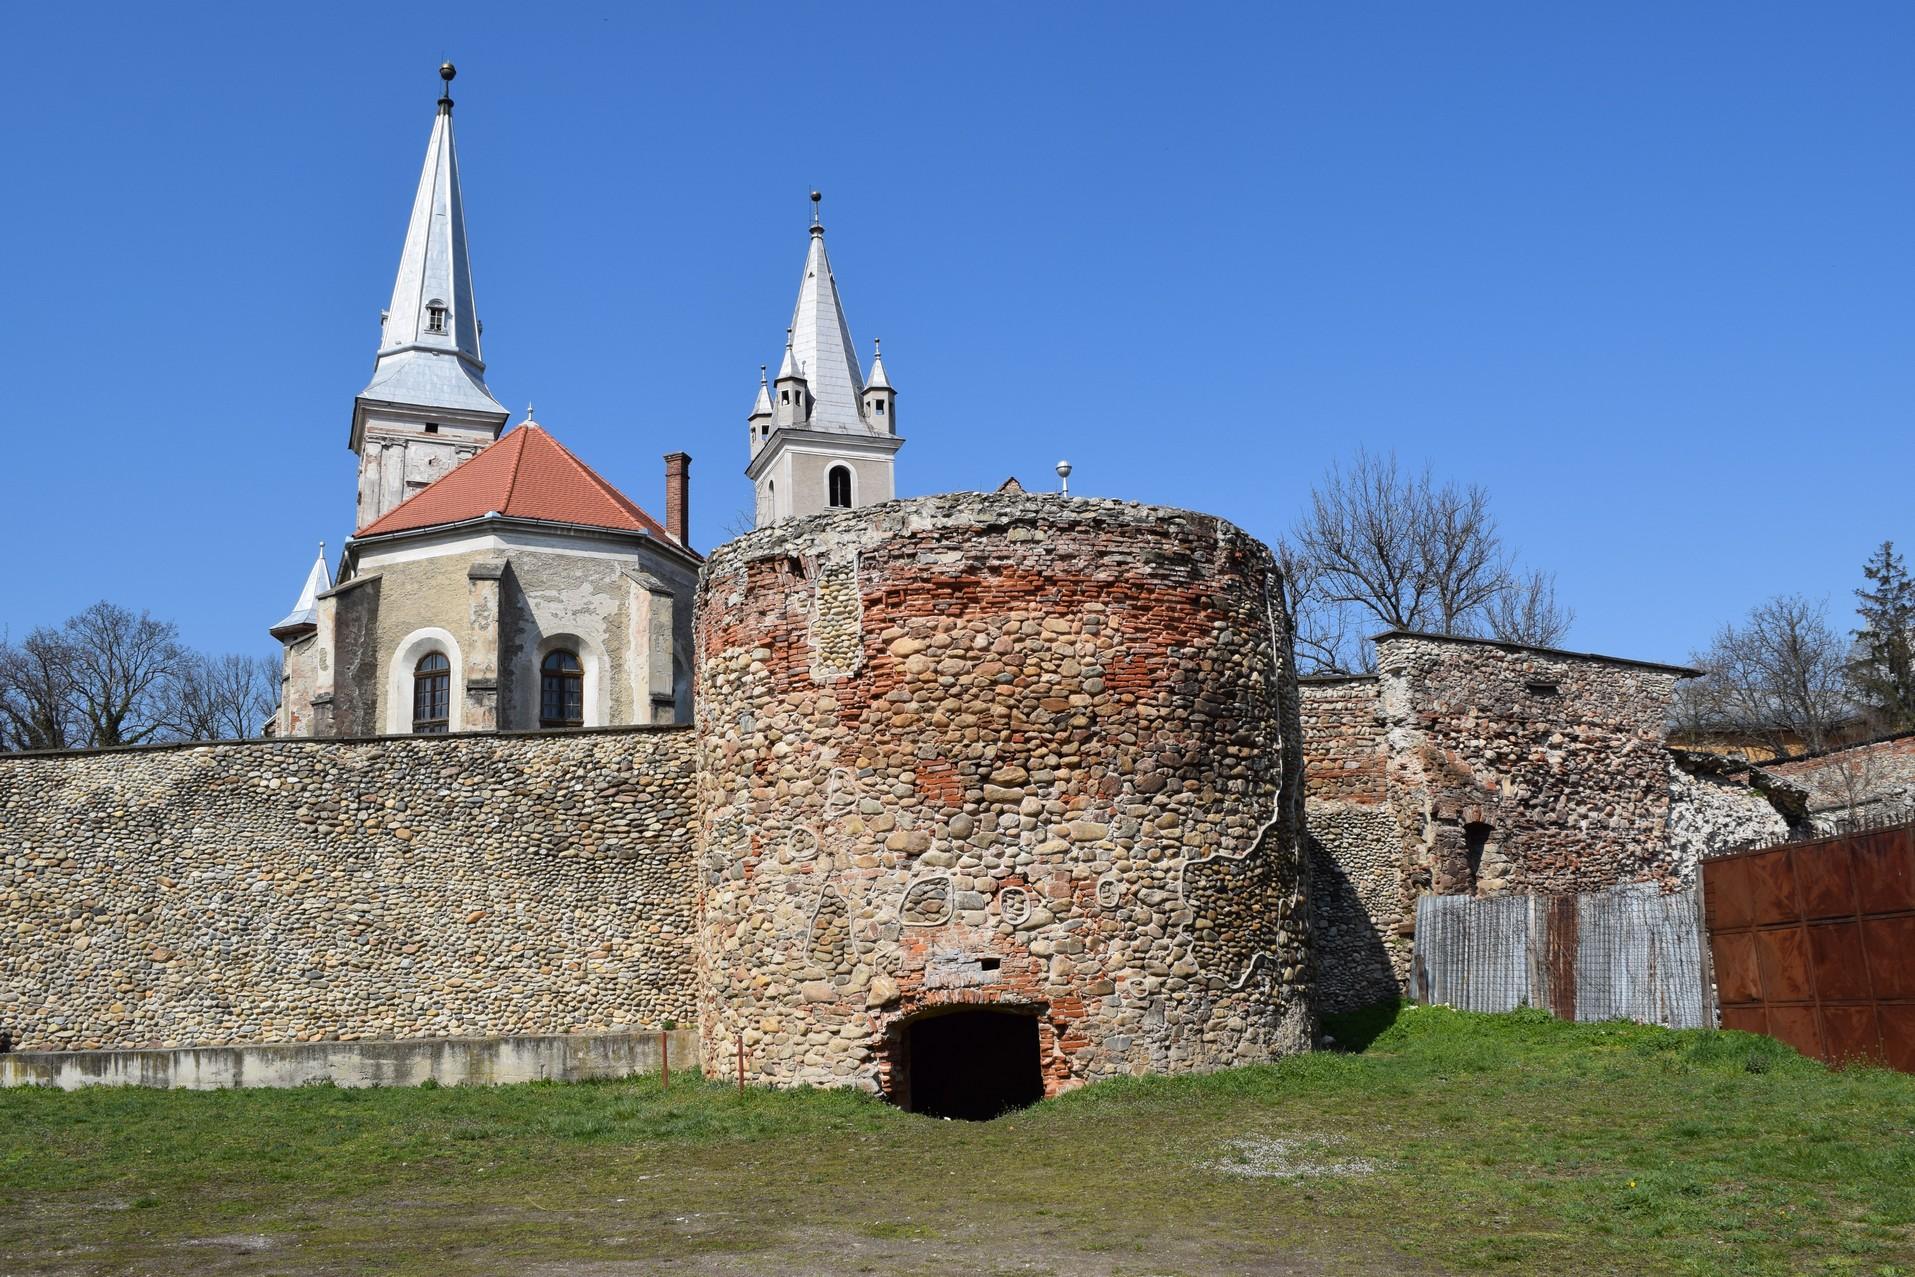 Voyage en Roumanie Eglises fortifiees Orastie